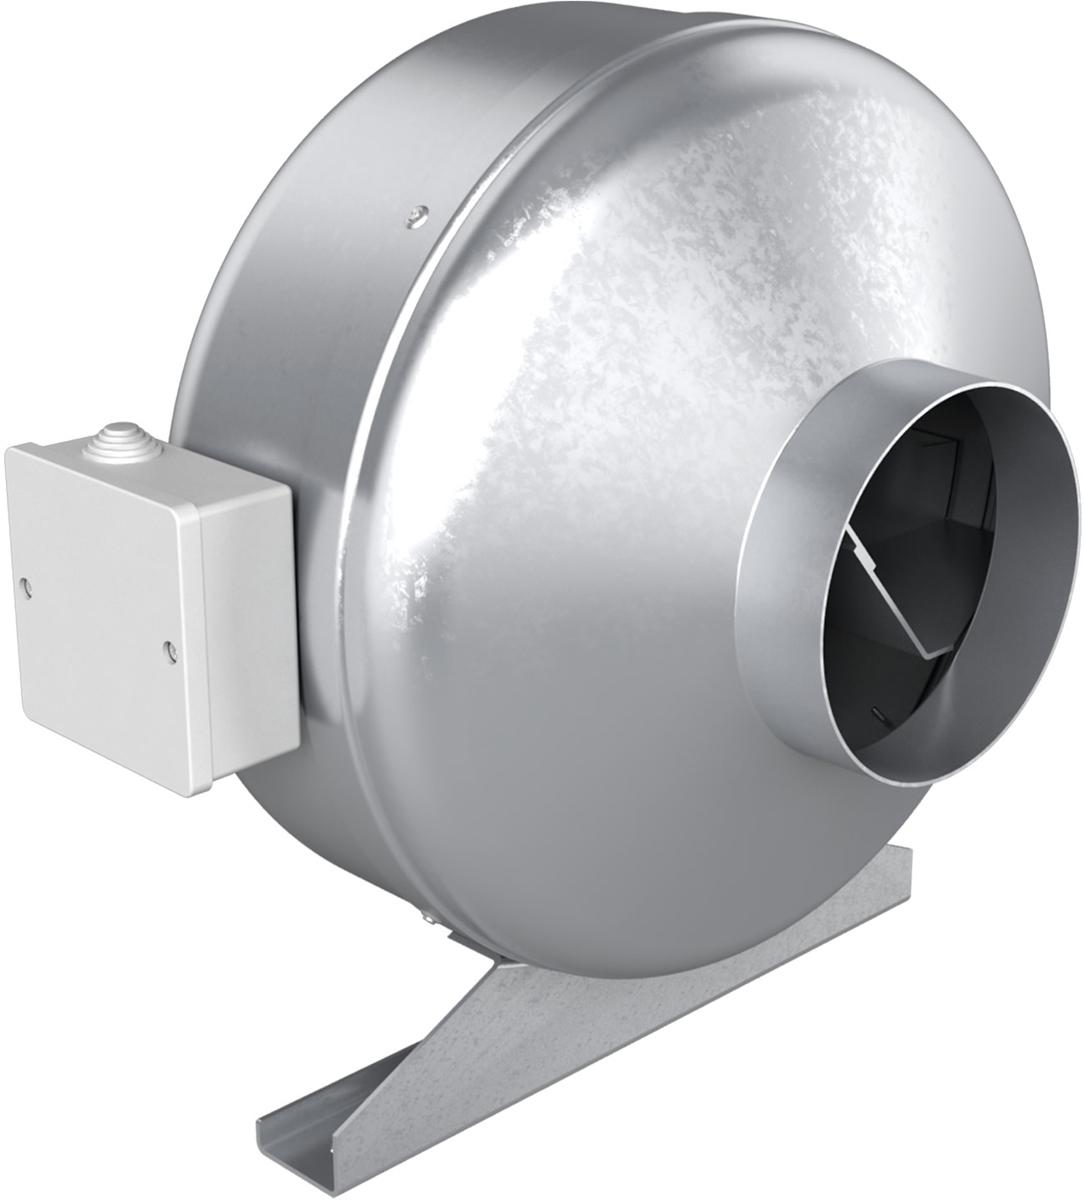 ERA Mars GDF 150 вентилятор центробежный канальныйMARS GDF 150Вентилятор серии MARS с диаметром фланца 150 мм. Канальный центробежный вентилятор MARS имеет ряд неоспоримых преимуществ: корпус вентилятора изготовлен из стали. Оснащен однофазным двигателем с внешним ротором, имеет встроенную тепловую защиту с автоматическим перезапуском. Рабочее колесо имеет загнутые назад лопатки и изготовлено из металла. Подача электропитания на вентилятор осуществляется через наружную клеммную коробку. Монтаж к стене осуществляется с помощью крепежа, который входит в комплект вентилятора. Защита двигателя IP44.